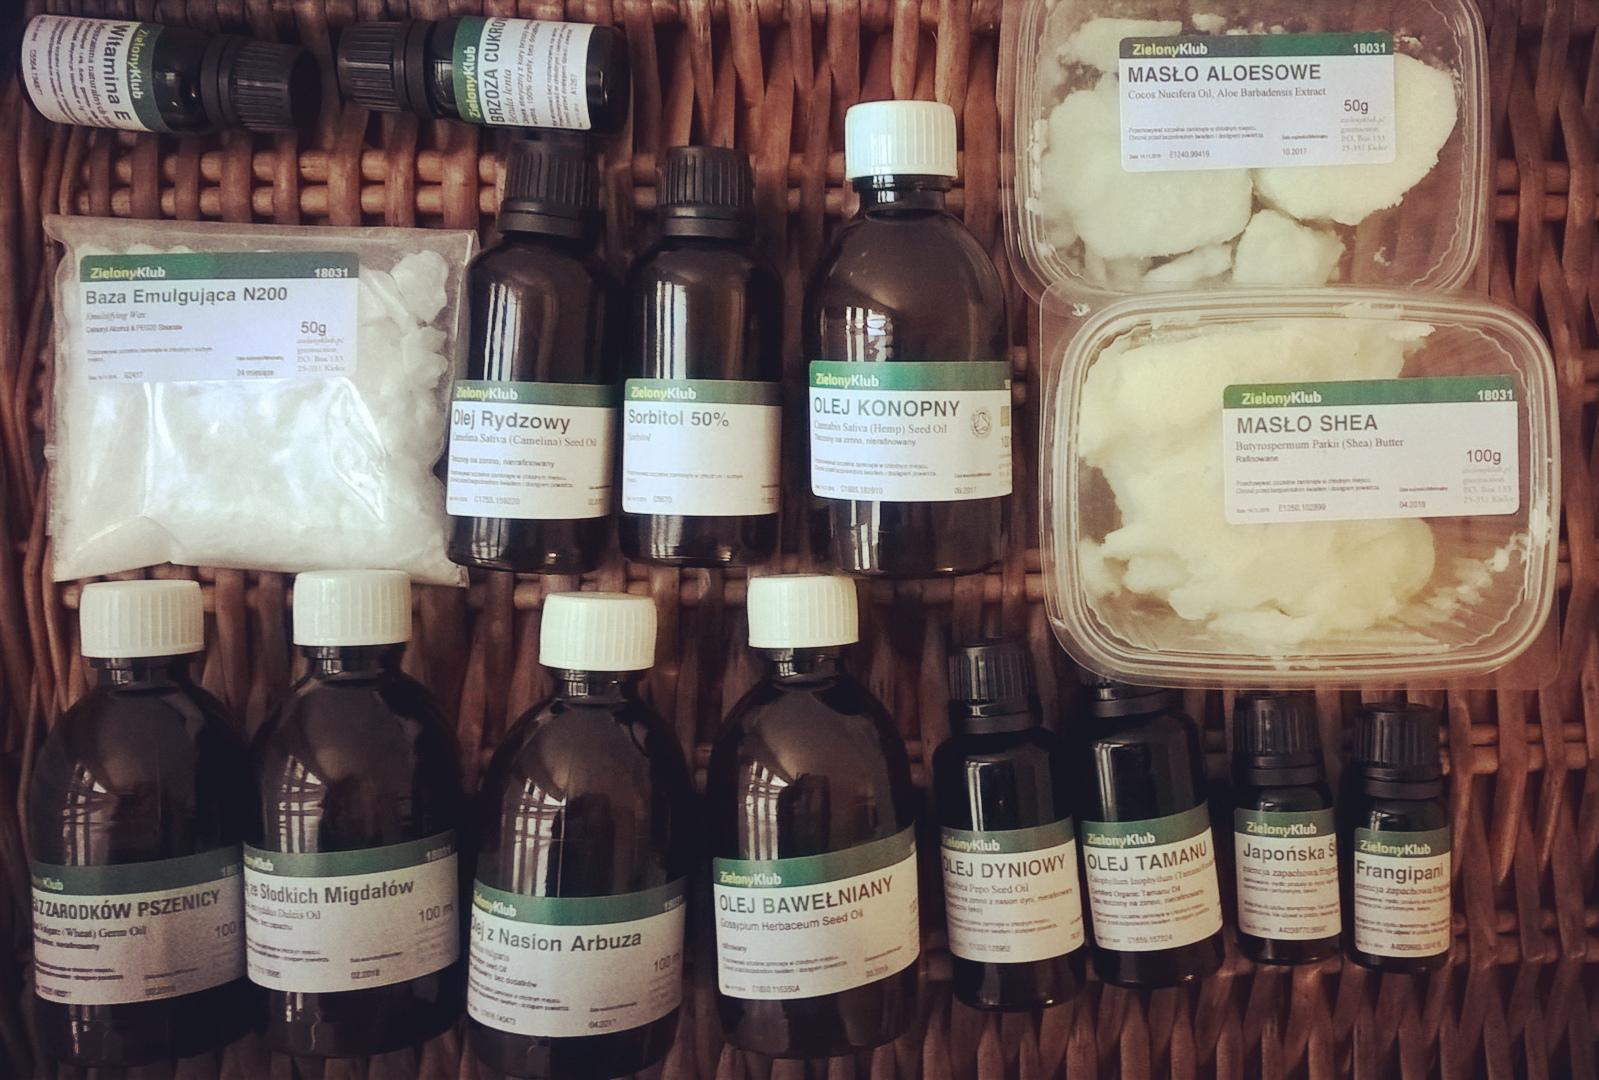 Zielony Klub oleje, półprodukty do kosmetyków